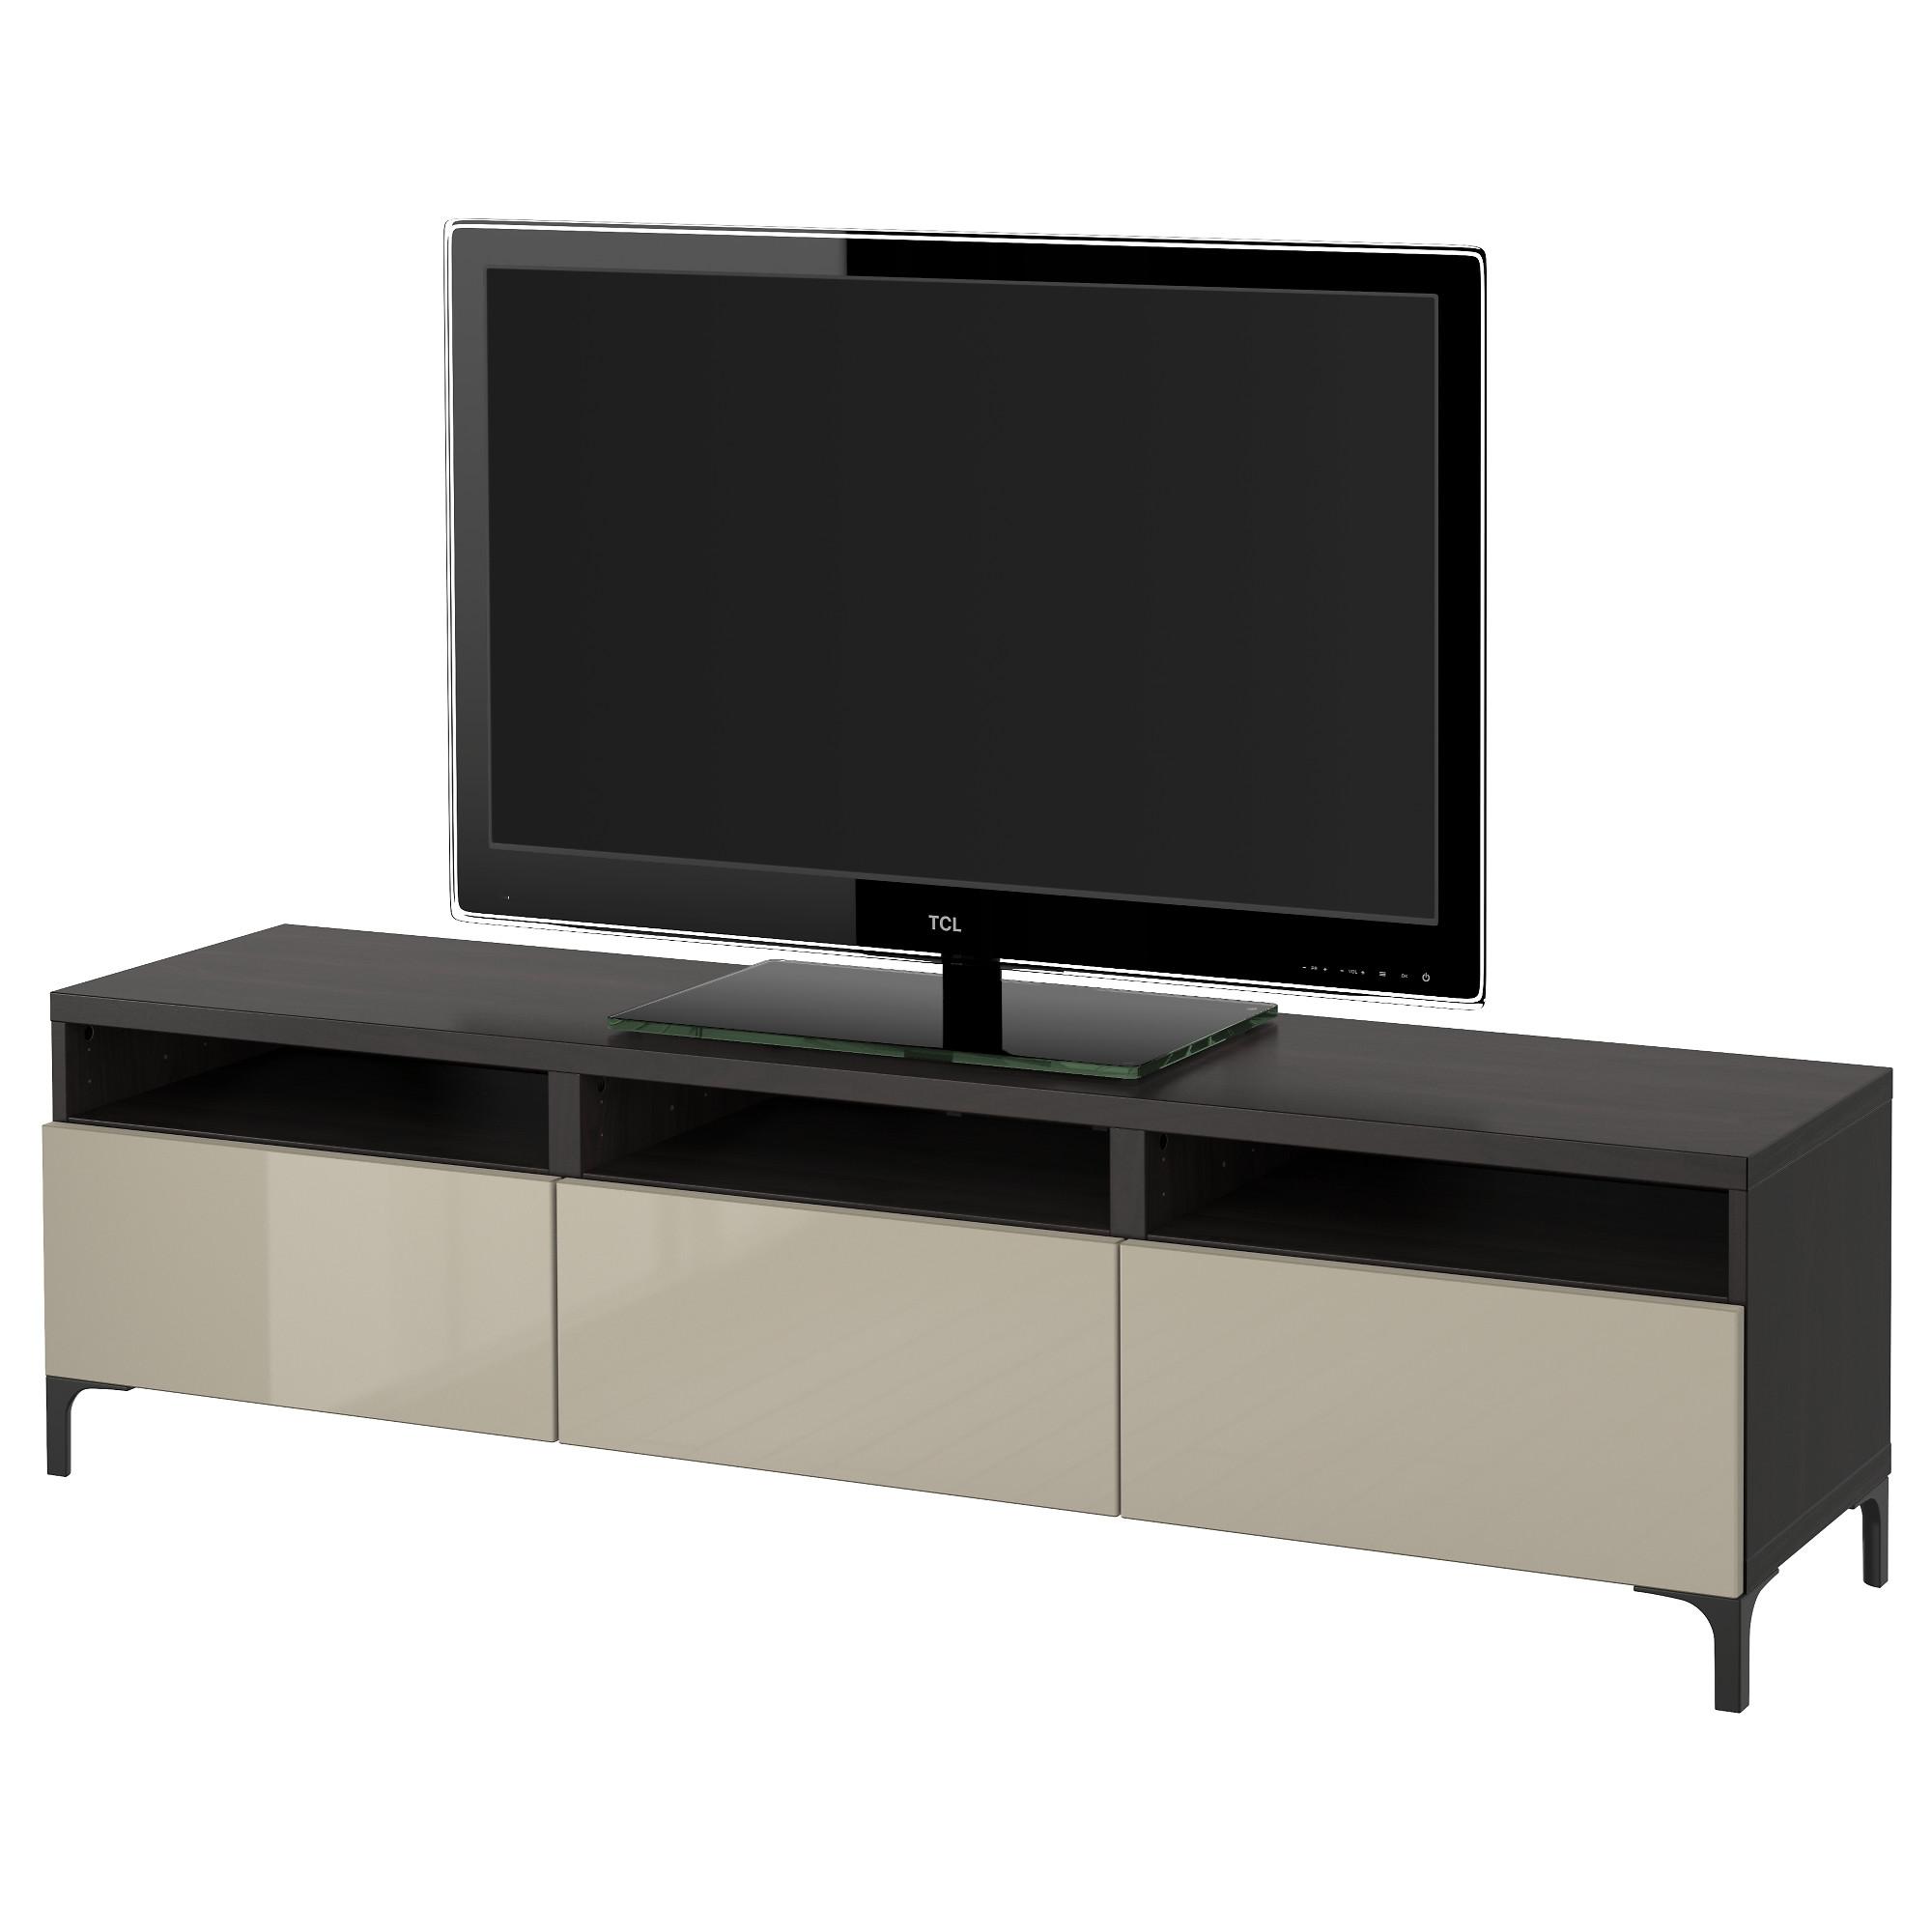 Тумба для ТВ с ящиками БЕСТО, черно-коричневый, Сельсвикен глянцевый/бежевый (180x40x48 см)